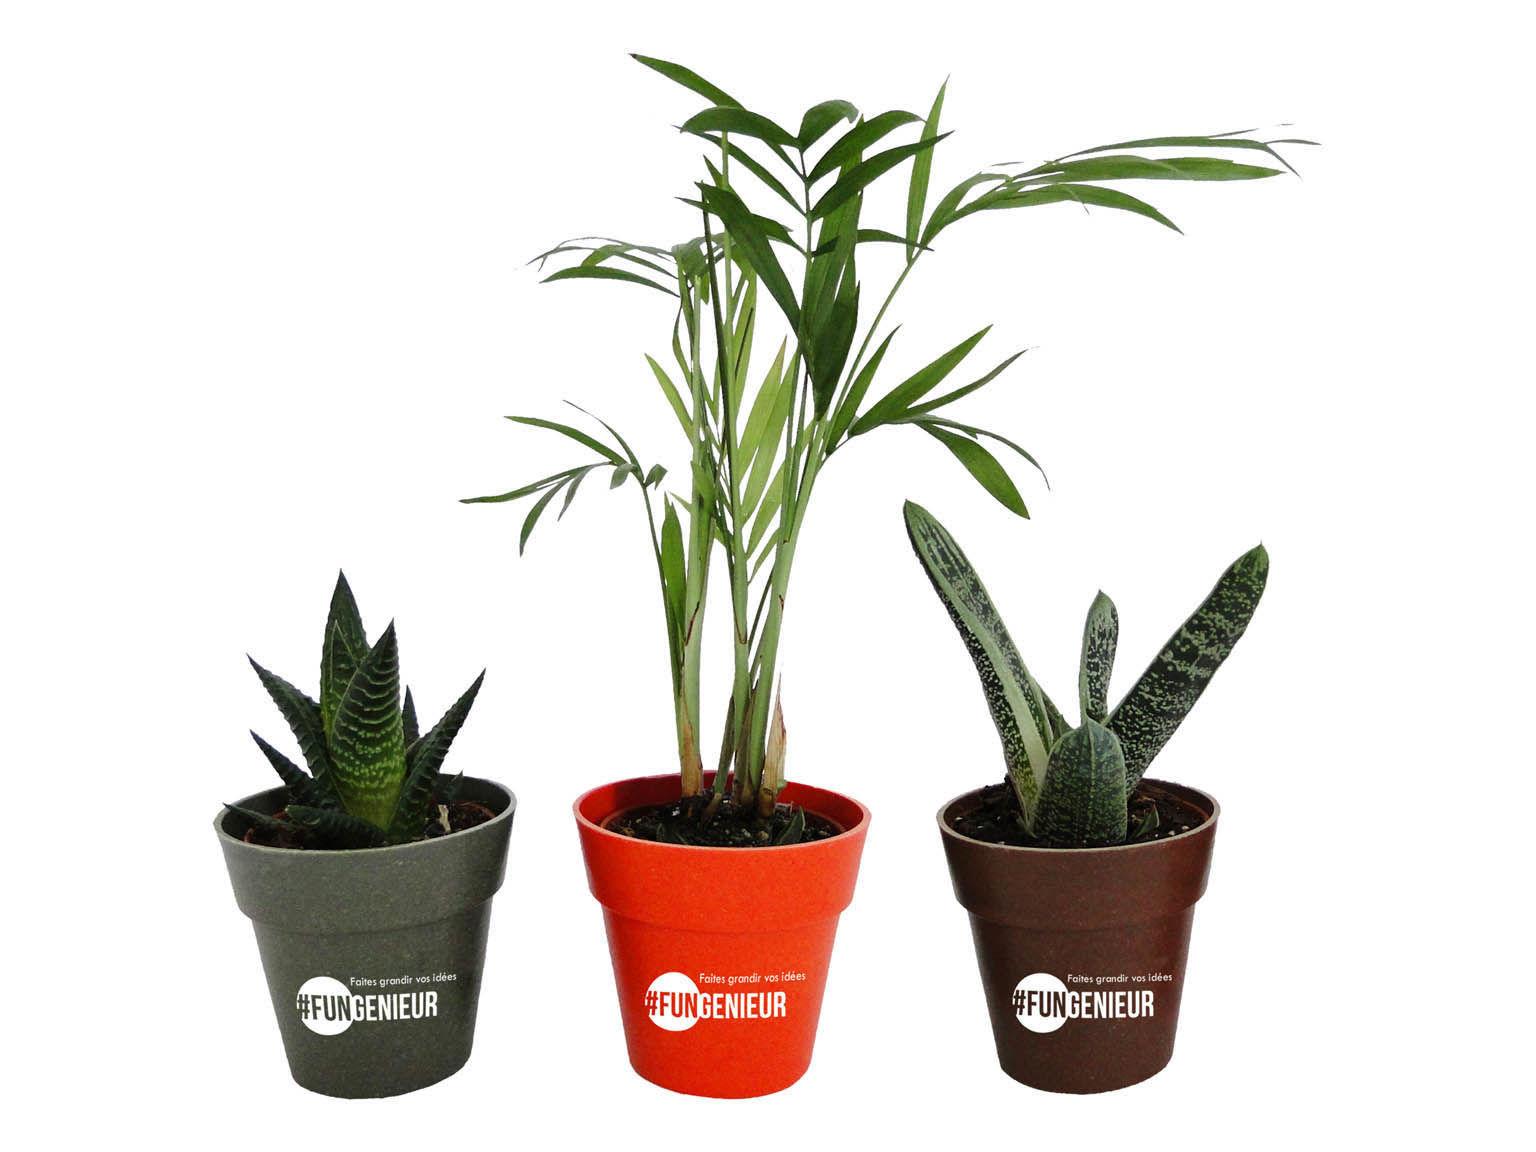 plante d co colo objet publicitaire cologique plantes pr tes offrir id e cadeau. Black Bedroom Furniture Sets. Home Design Ideas